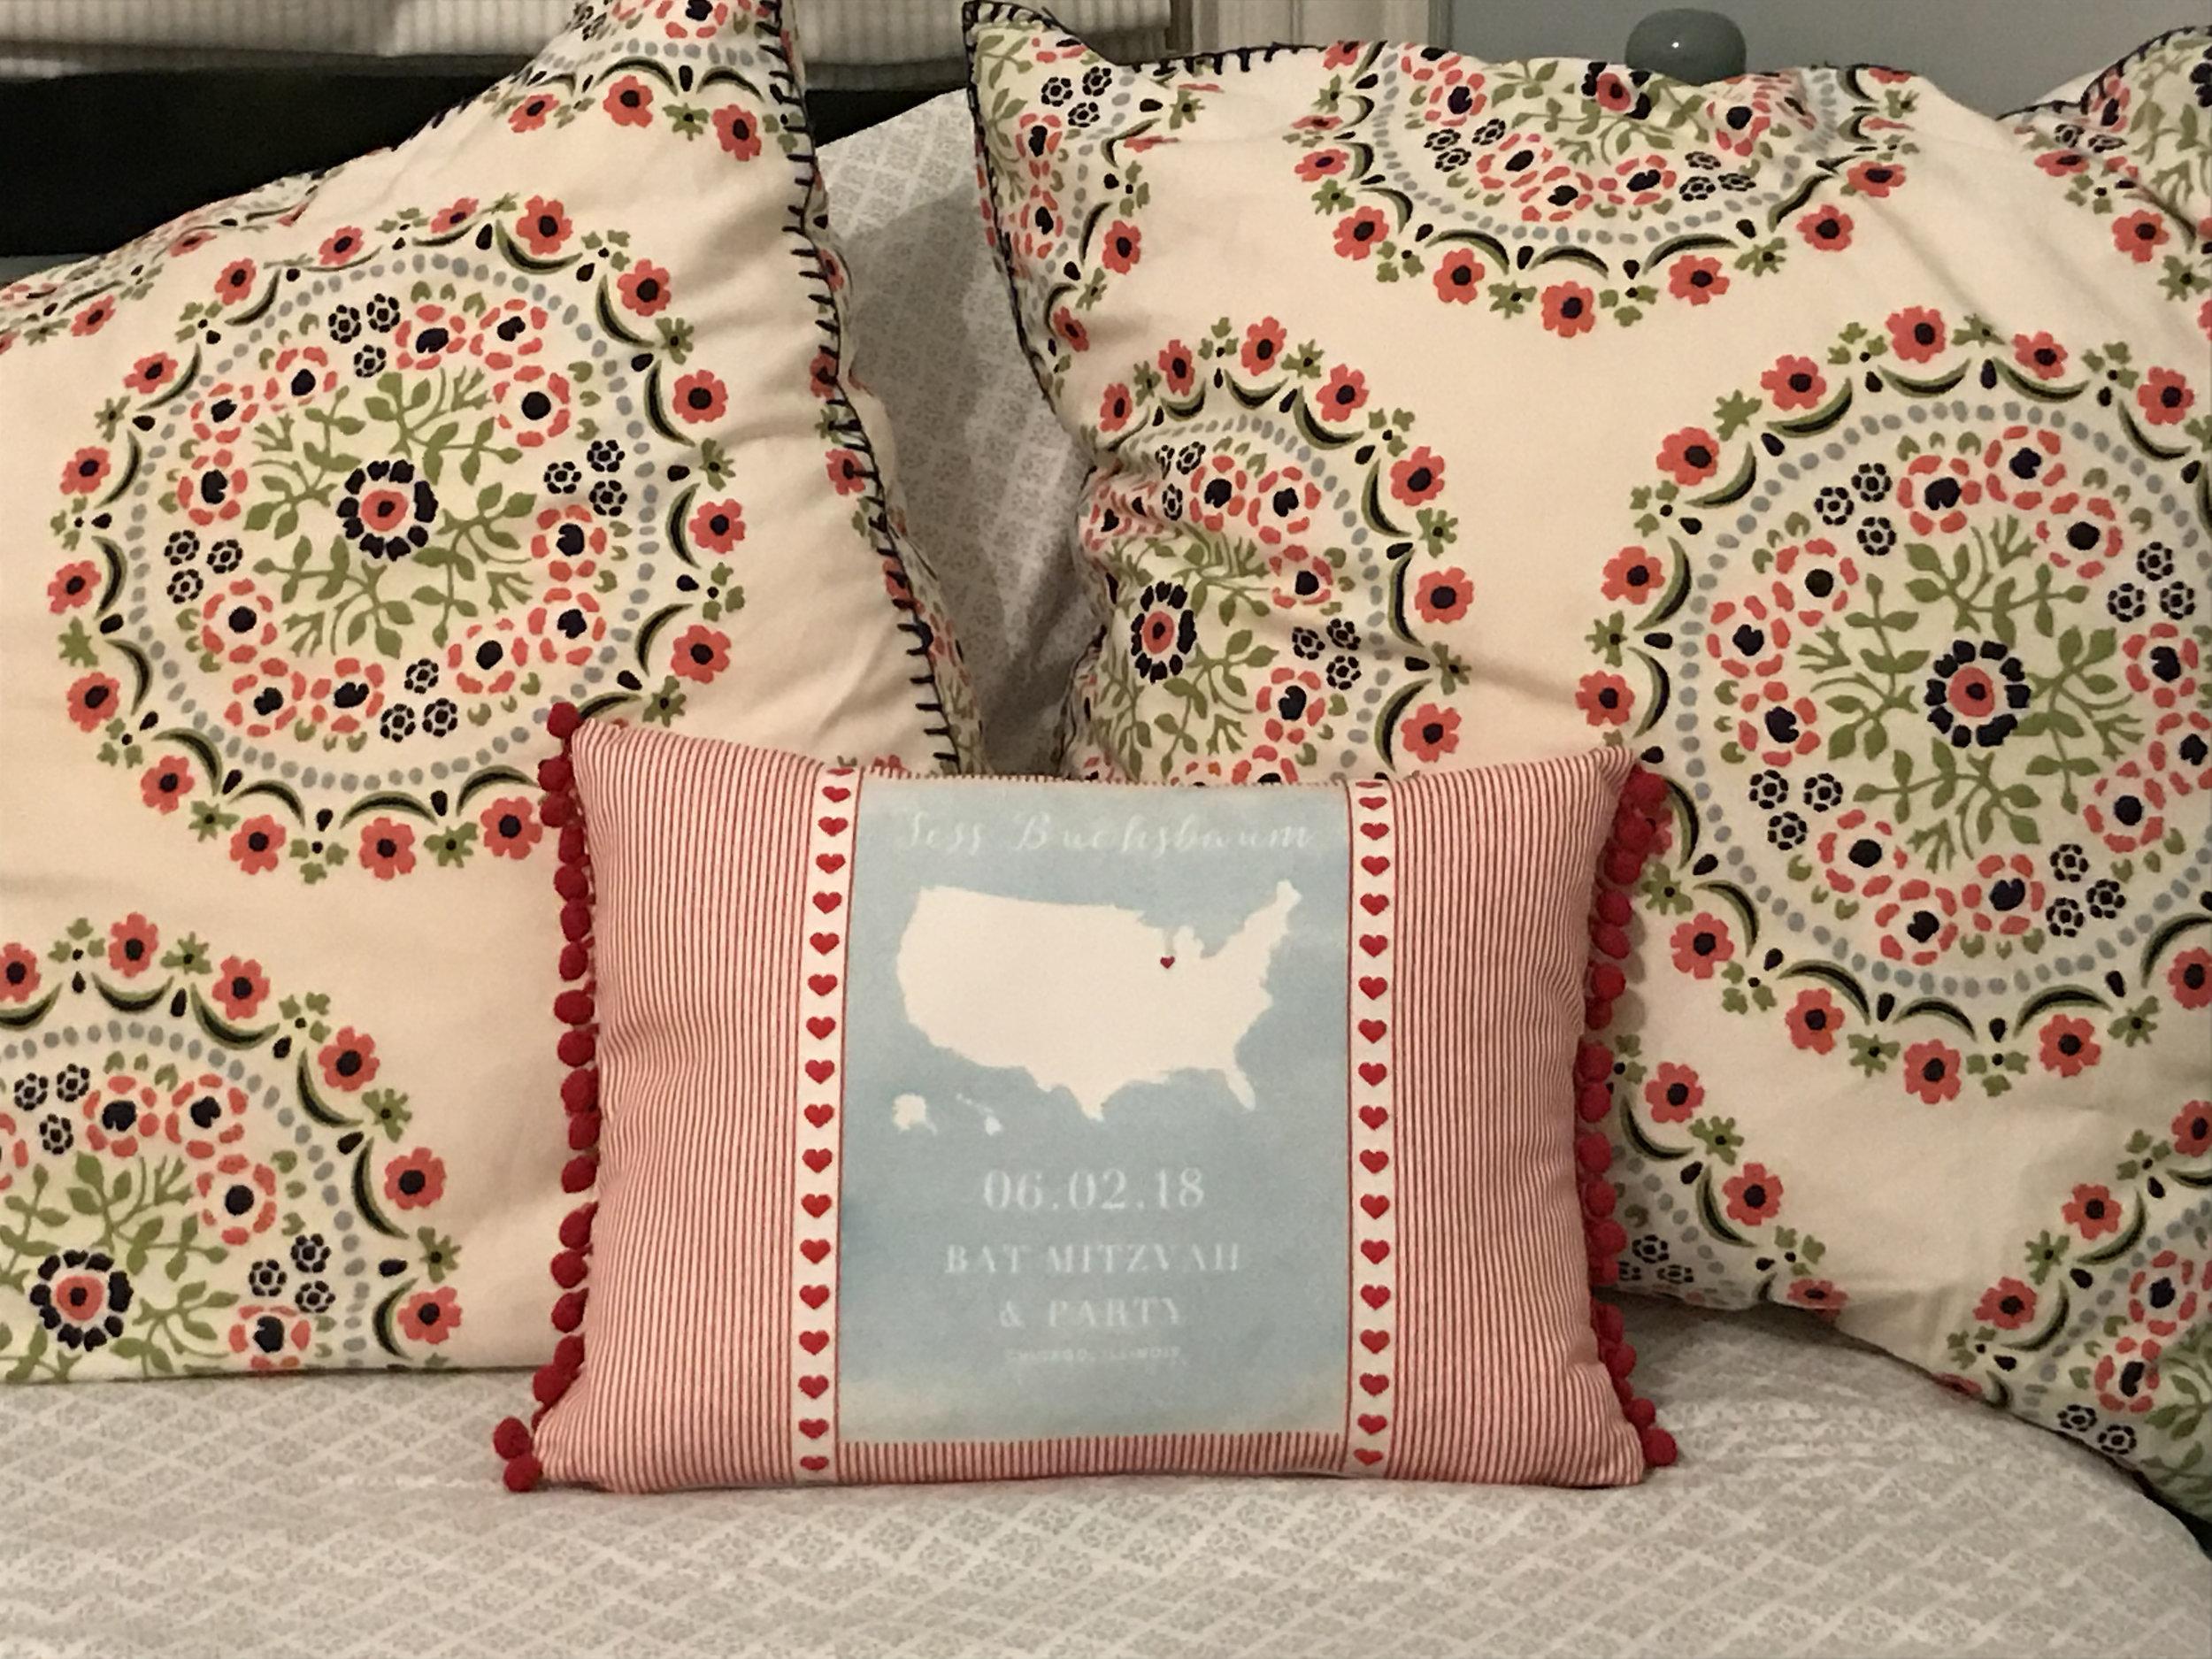 bat-mitzvah-pillow-on-bed-FW - heart.jpg